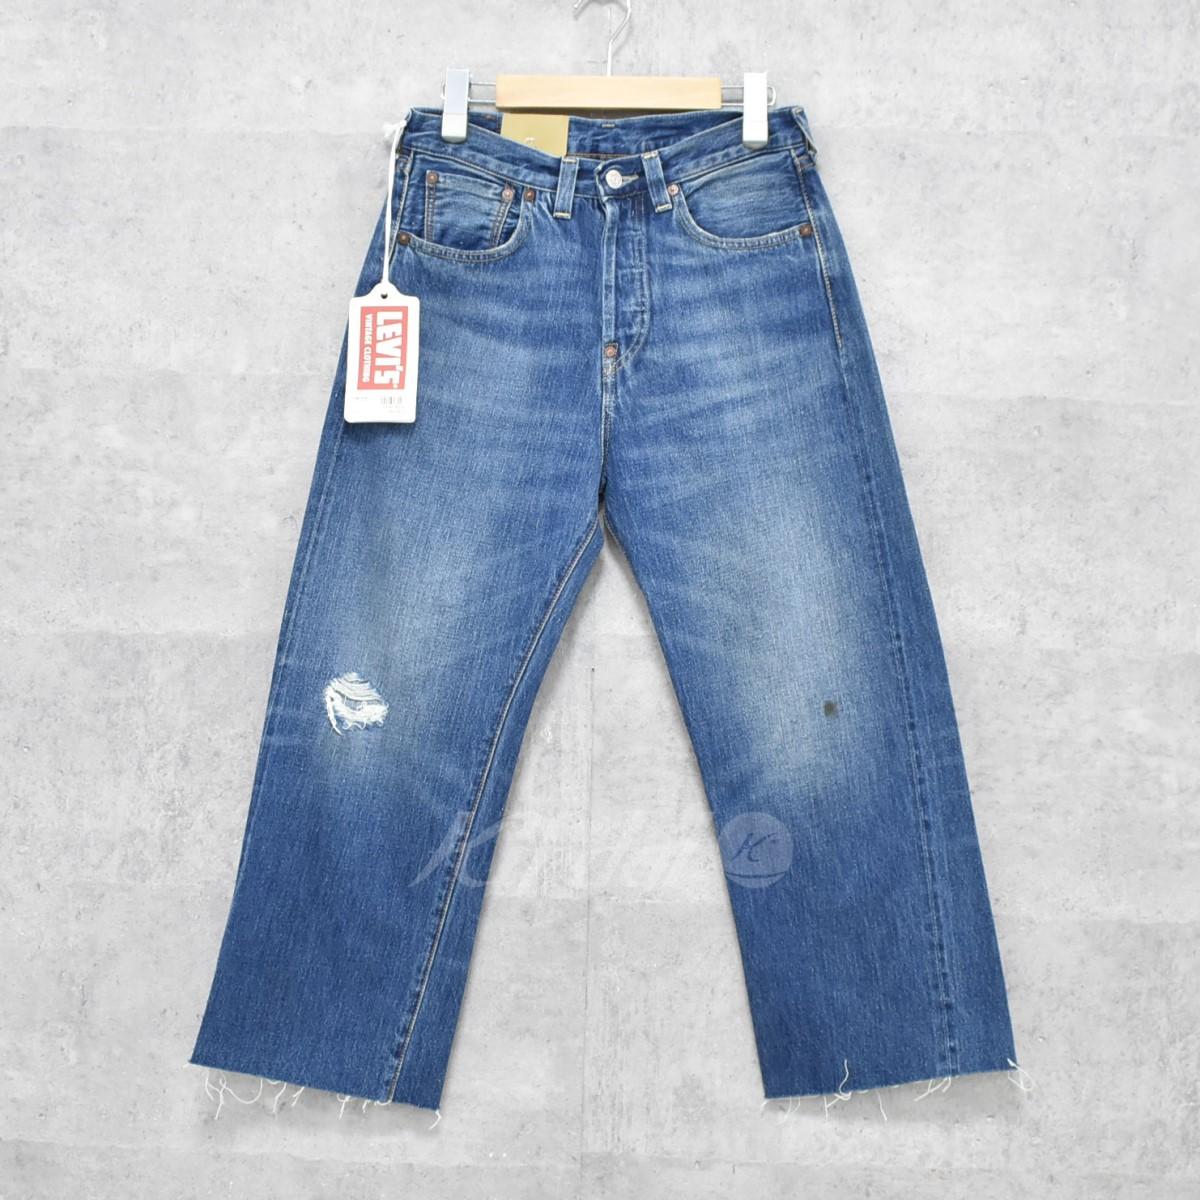 【中古】LEVIS VINTAGE CLOTHING 加工デニムパンツ LOT37501-0013 【送料無料】 【257124】 【KIND1550】